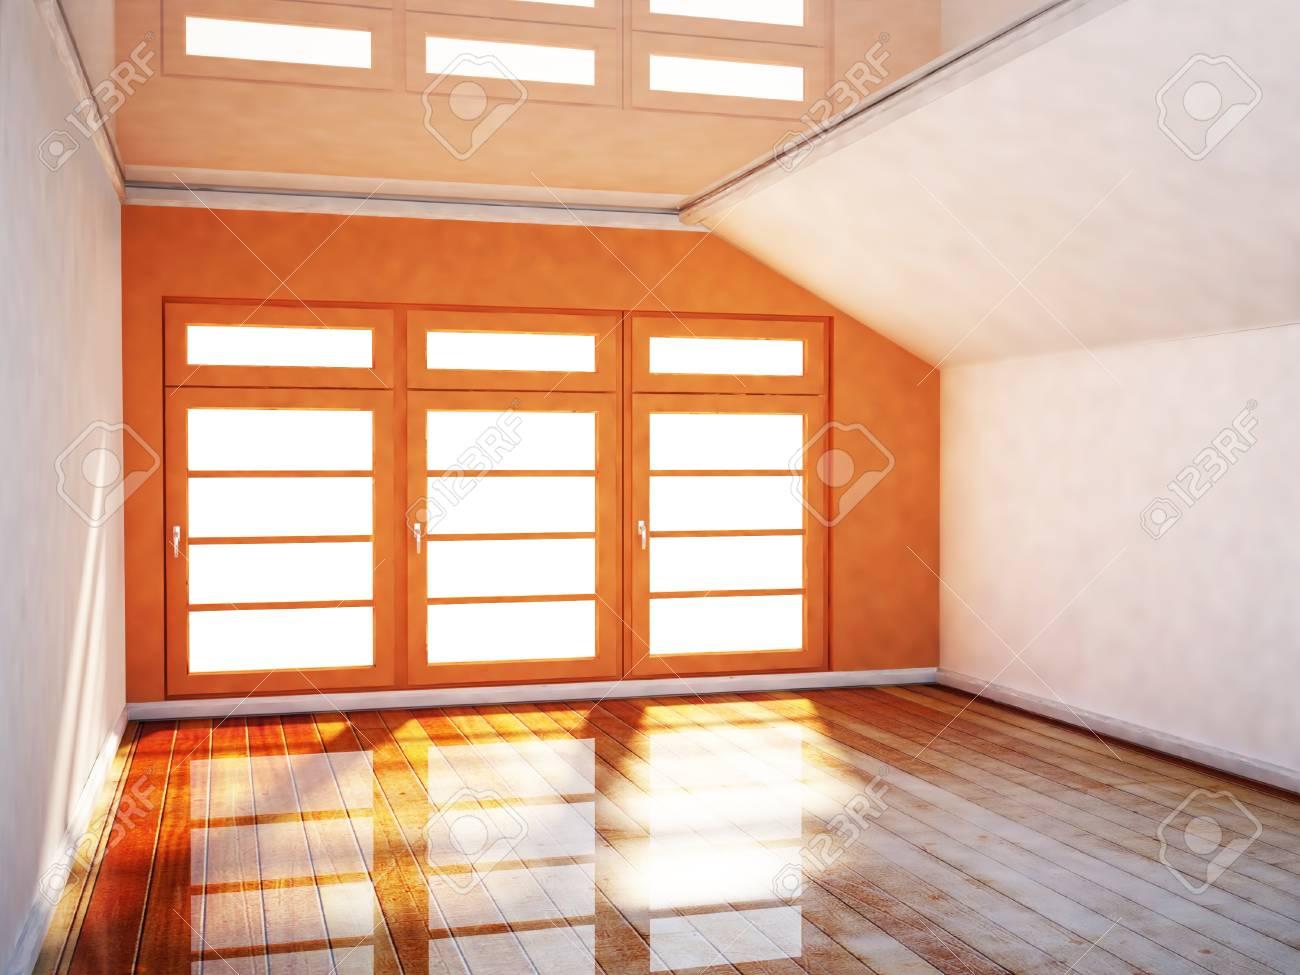 Chambre vide dans les couleurs orange et blanc et une grande fenêtre